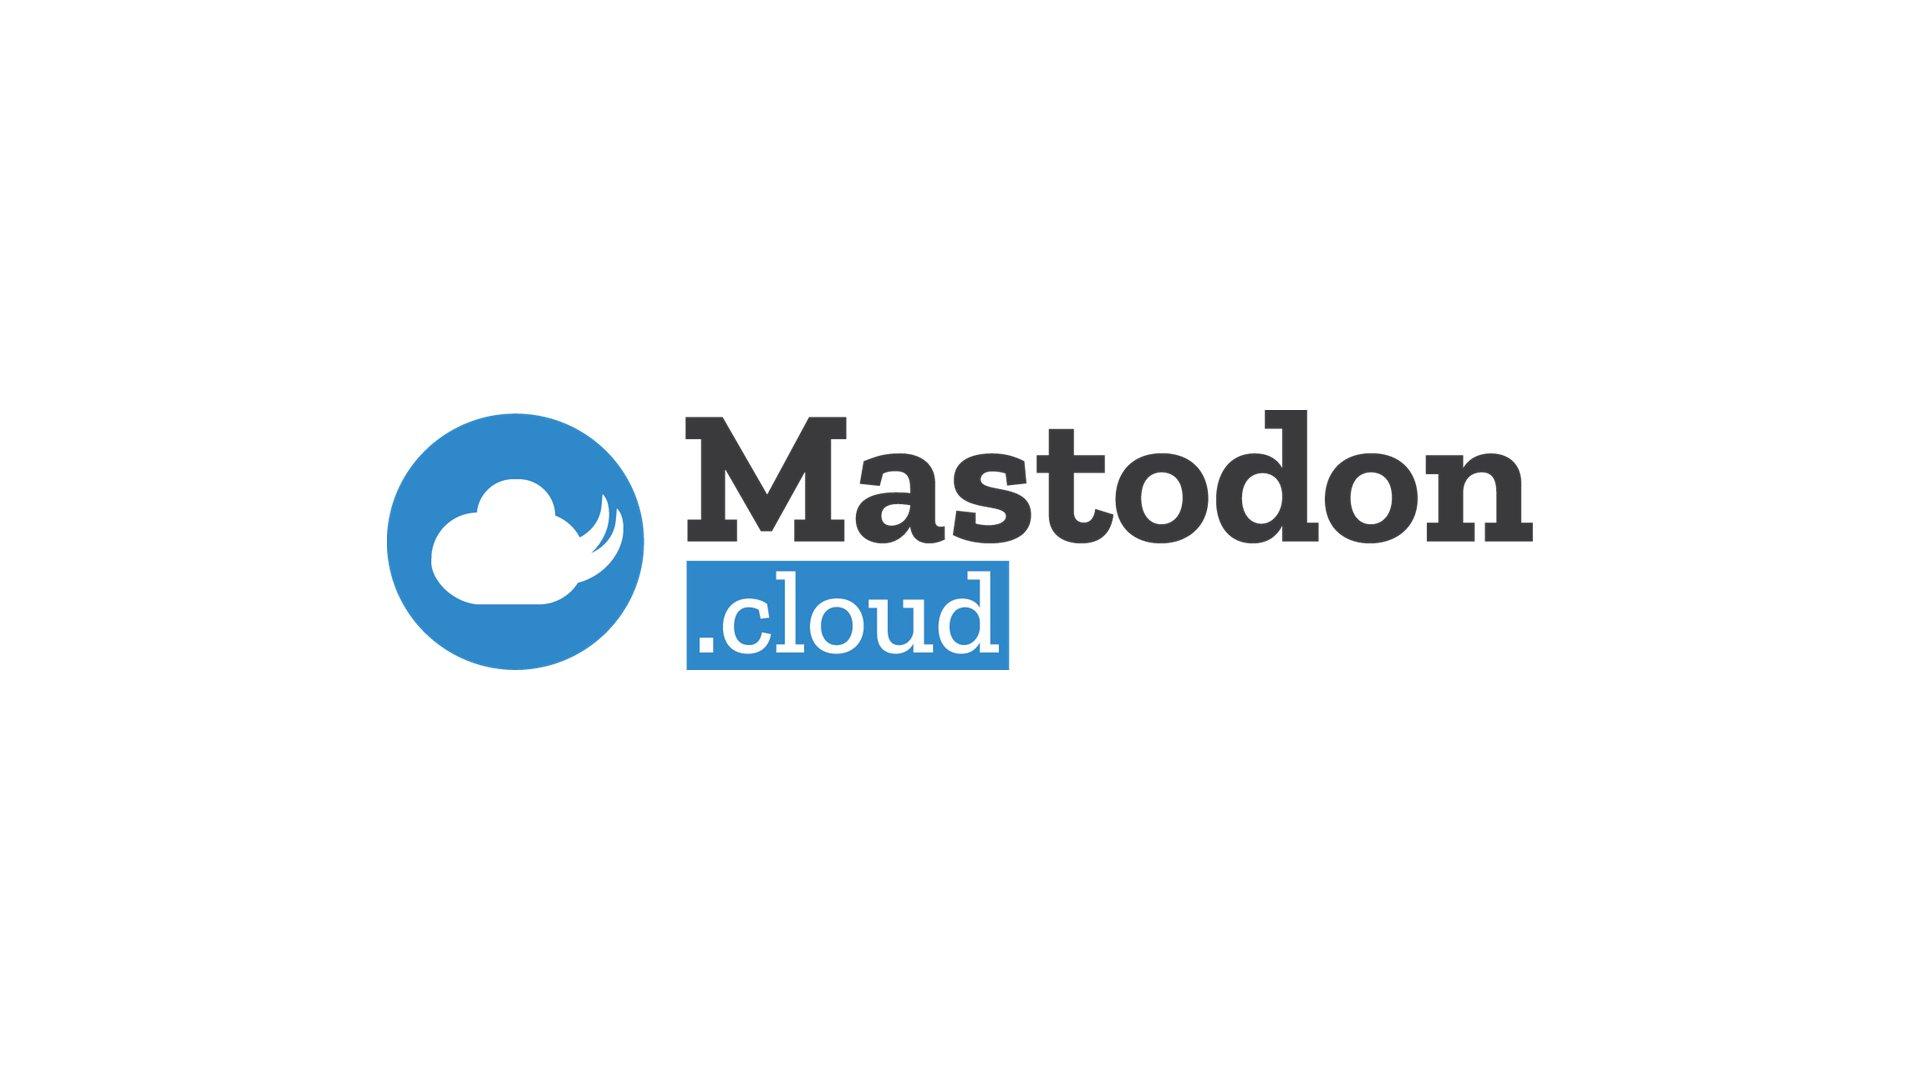 mastodon.cloud